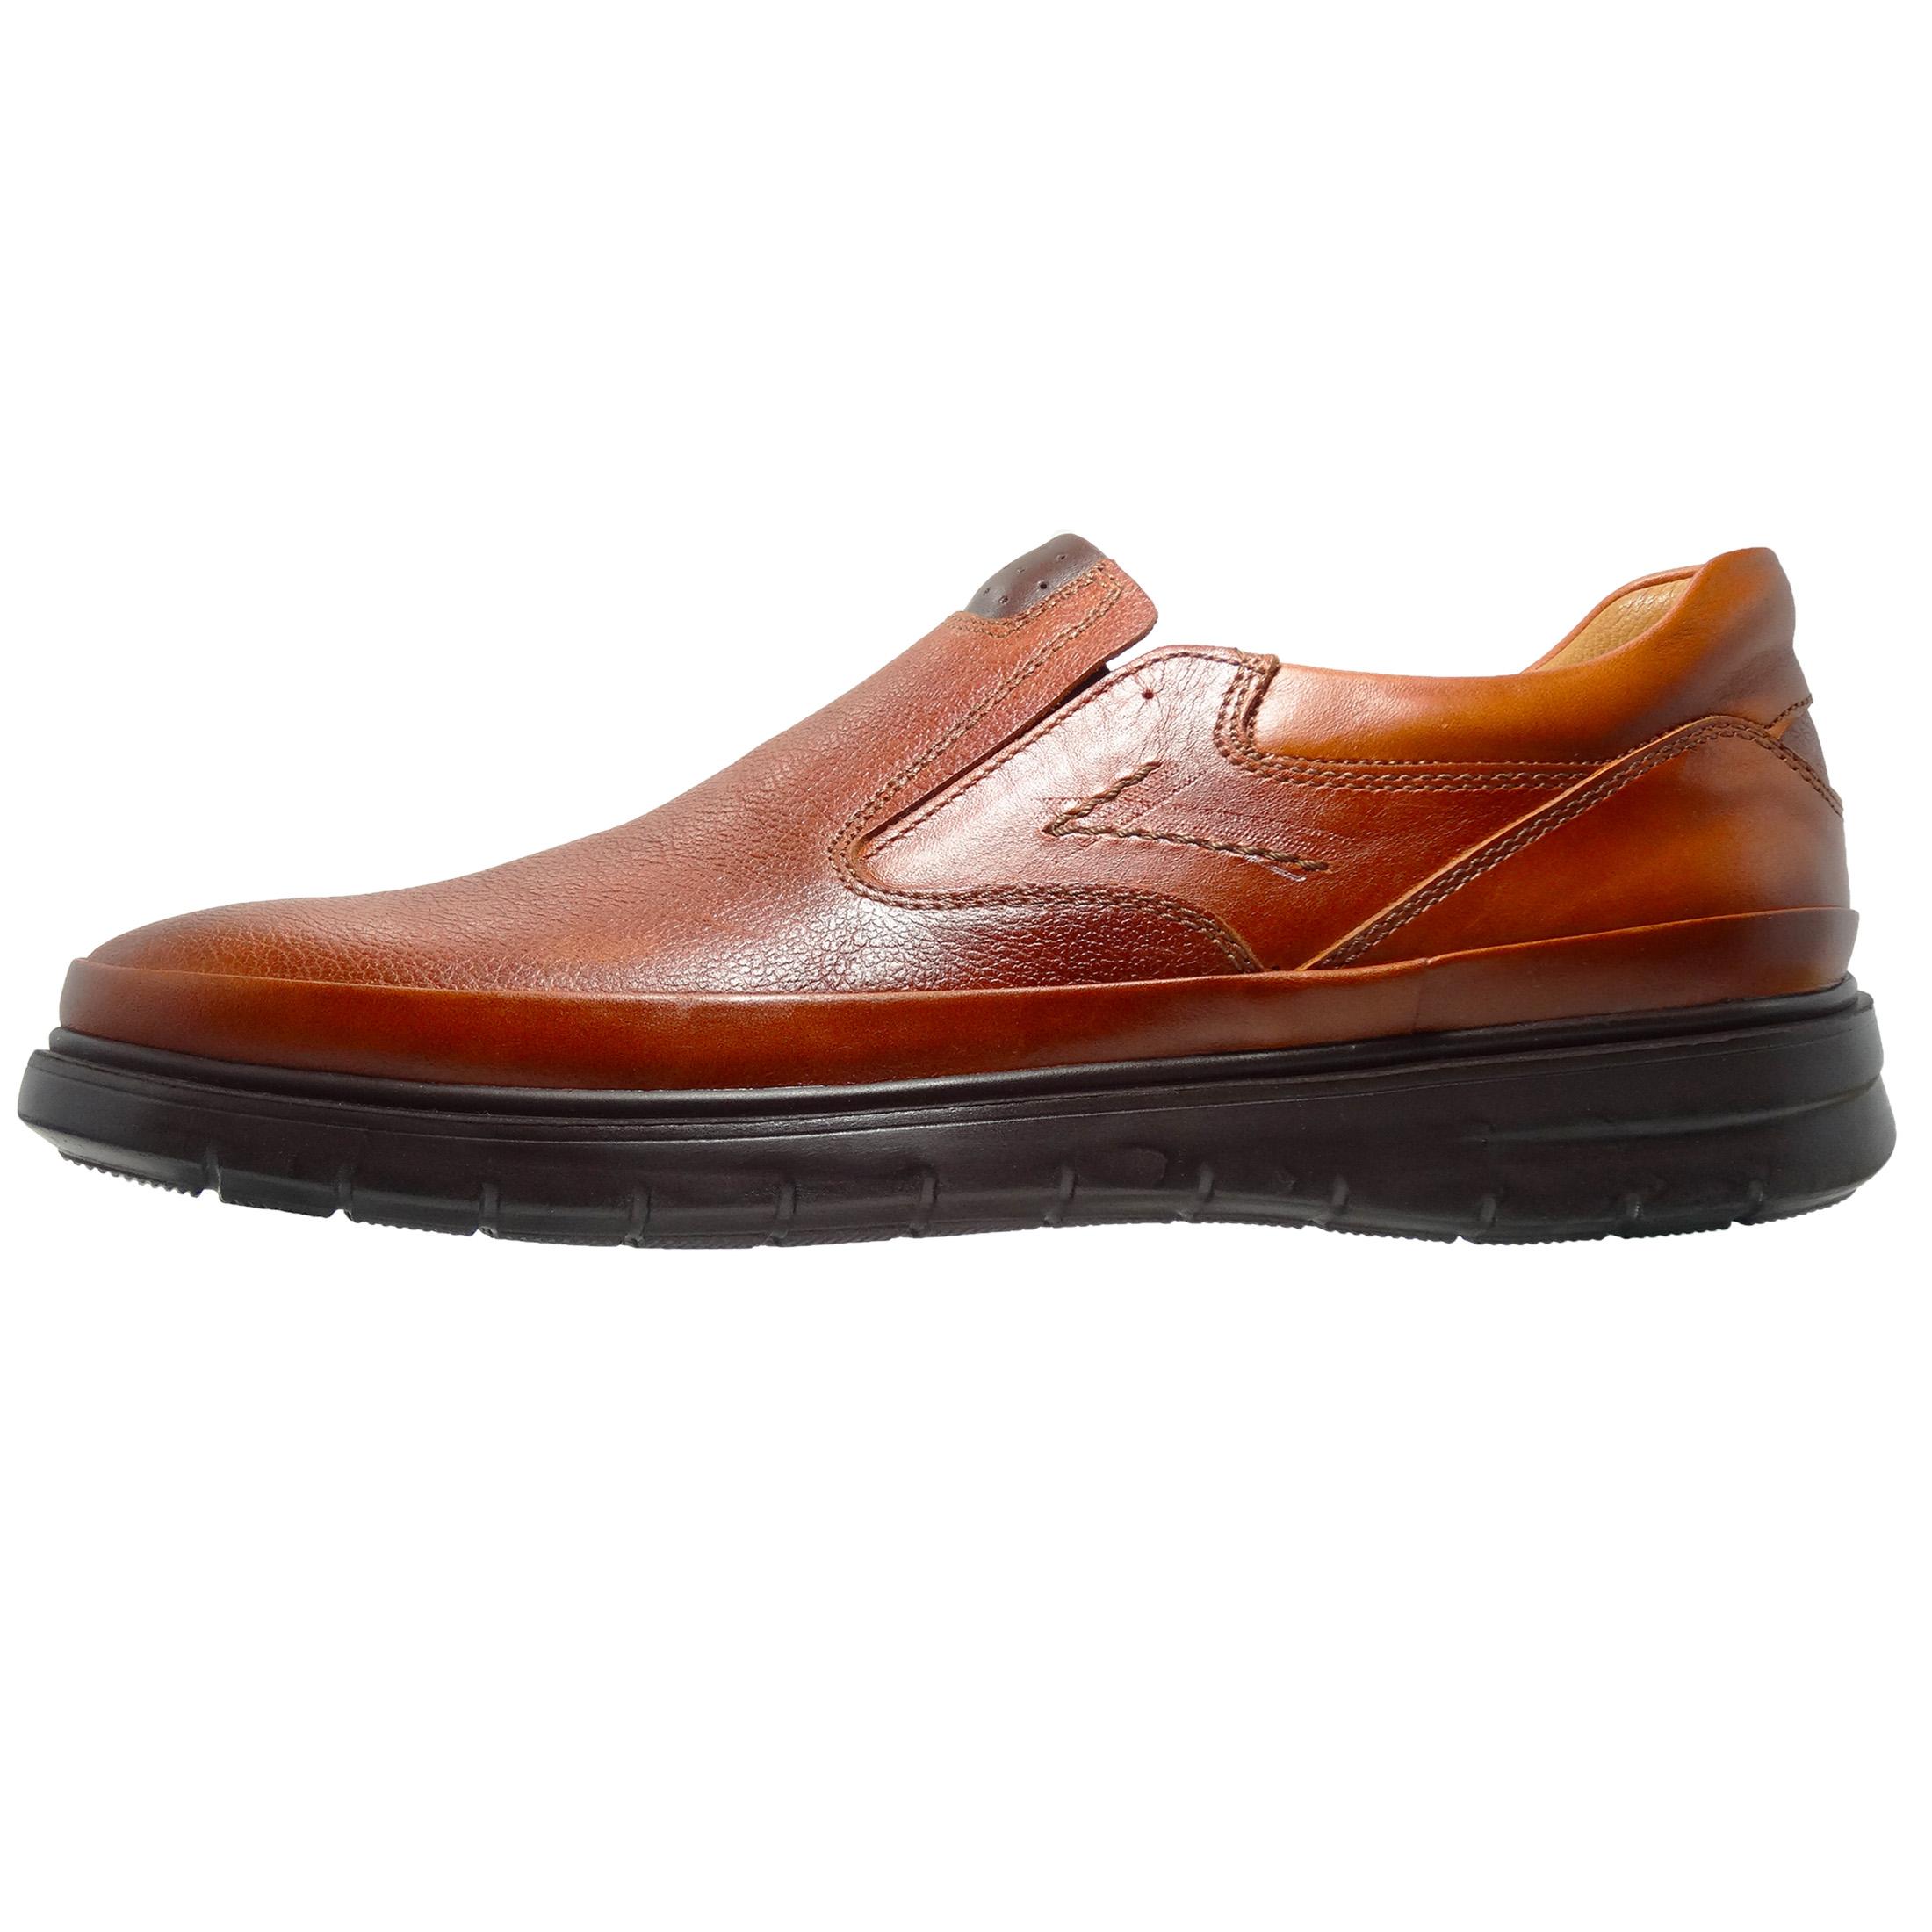 کفش روزمره مردانه کد 4032             , خرید اینترنتی